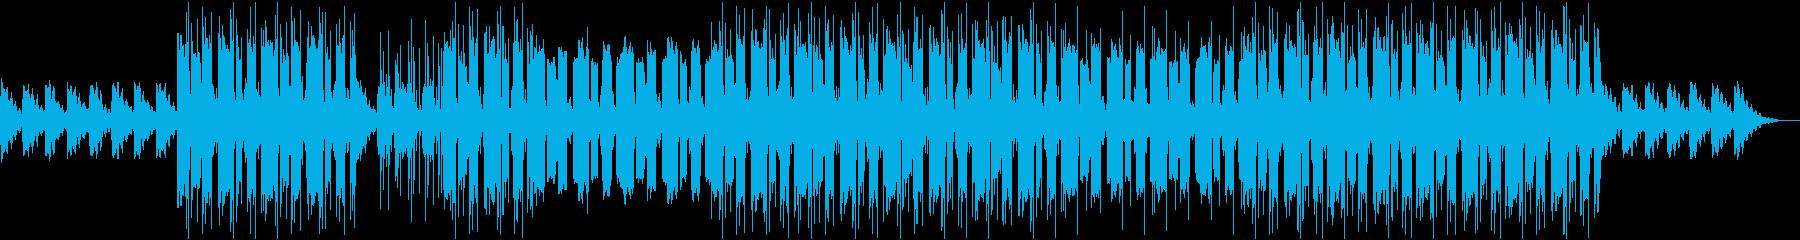 日常 優しい リズミカル おしゃれの再生済みの波形